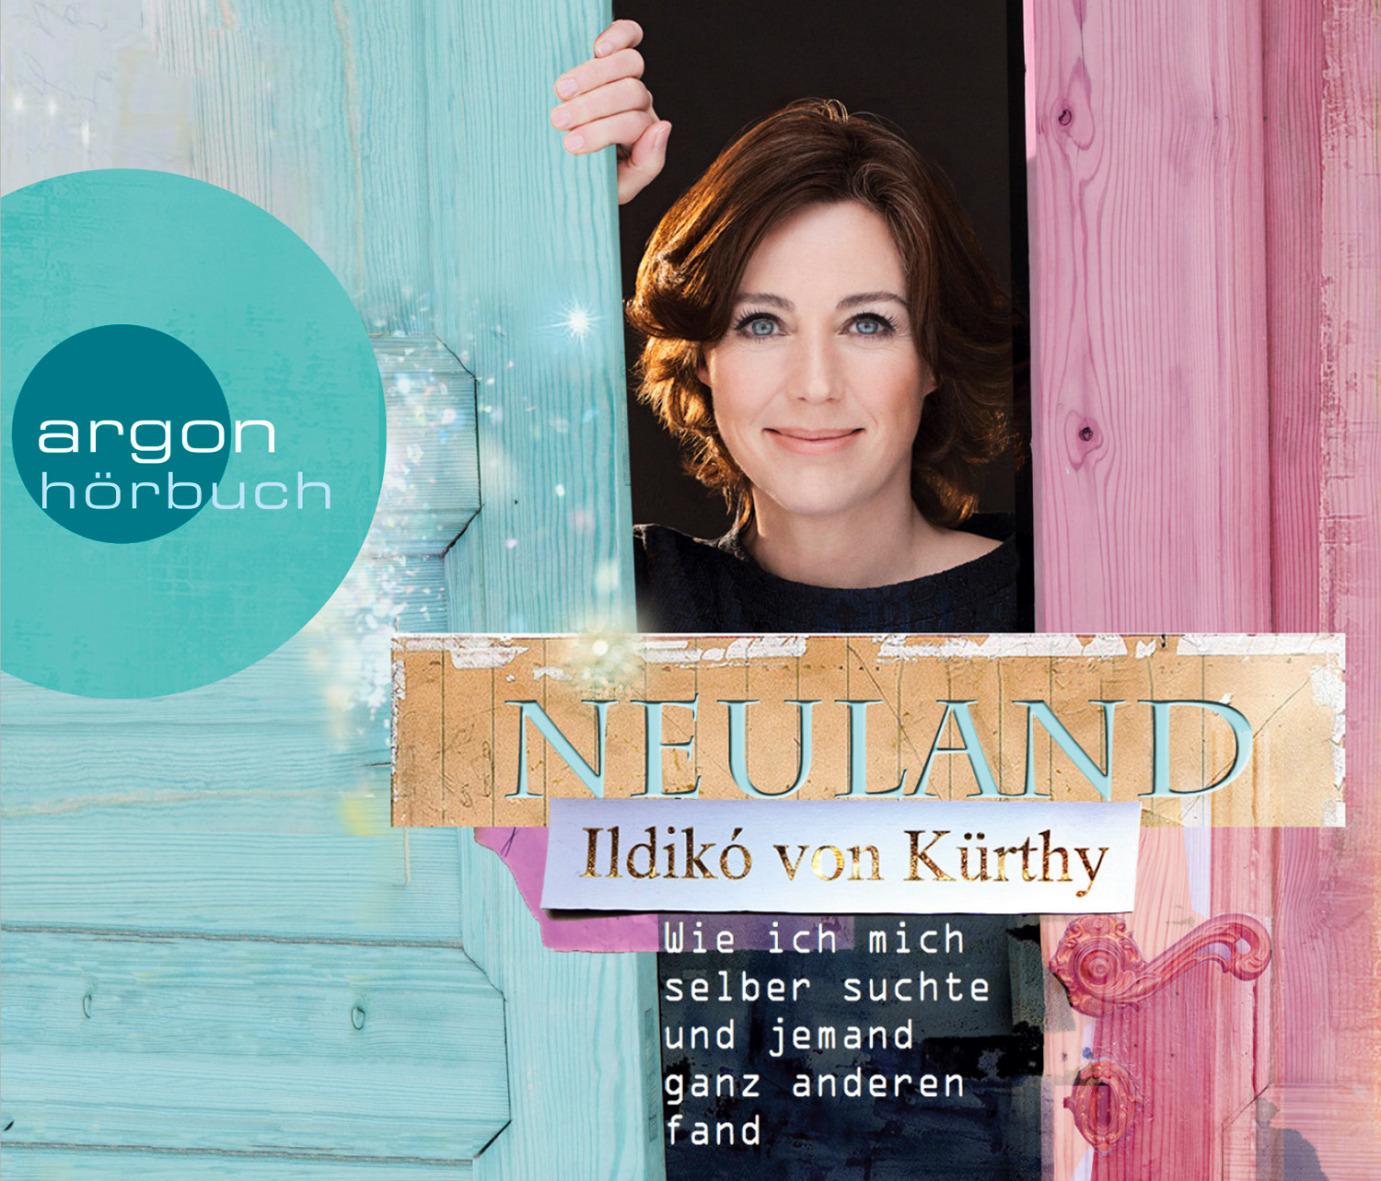 Neuland: Wie ich mich selbst suchte und jemand ganz anderen fand - Ildikó von Kürthy